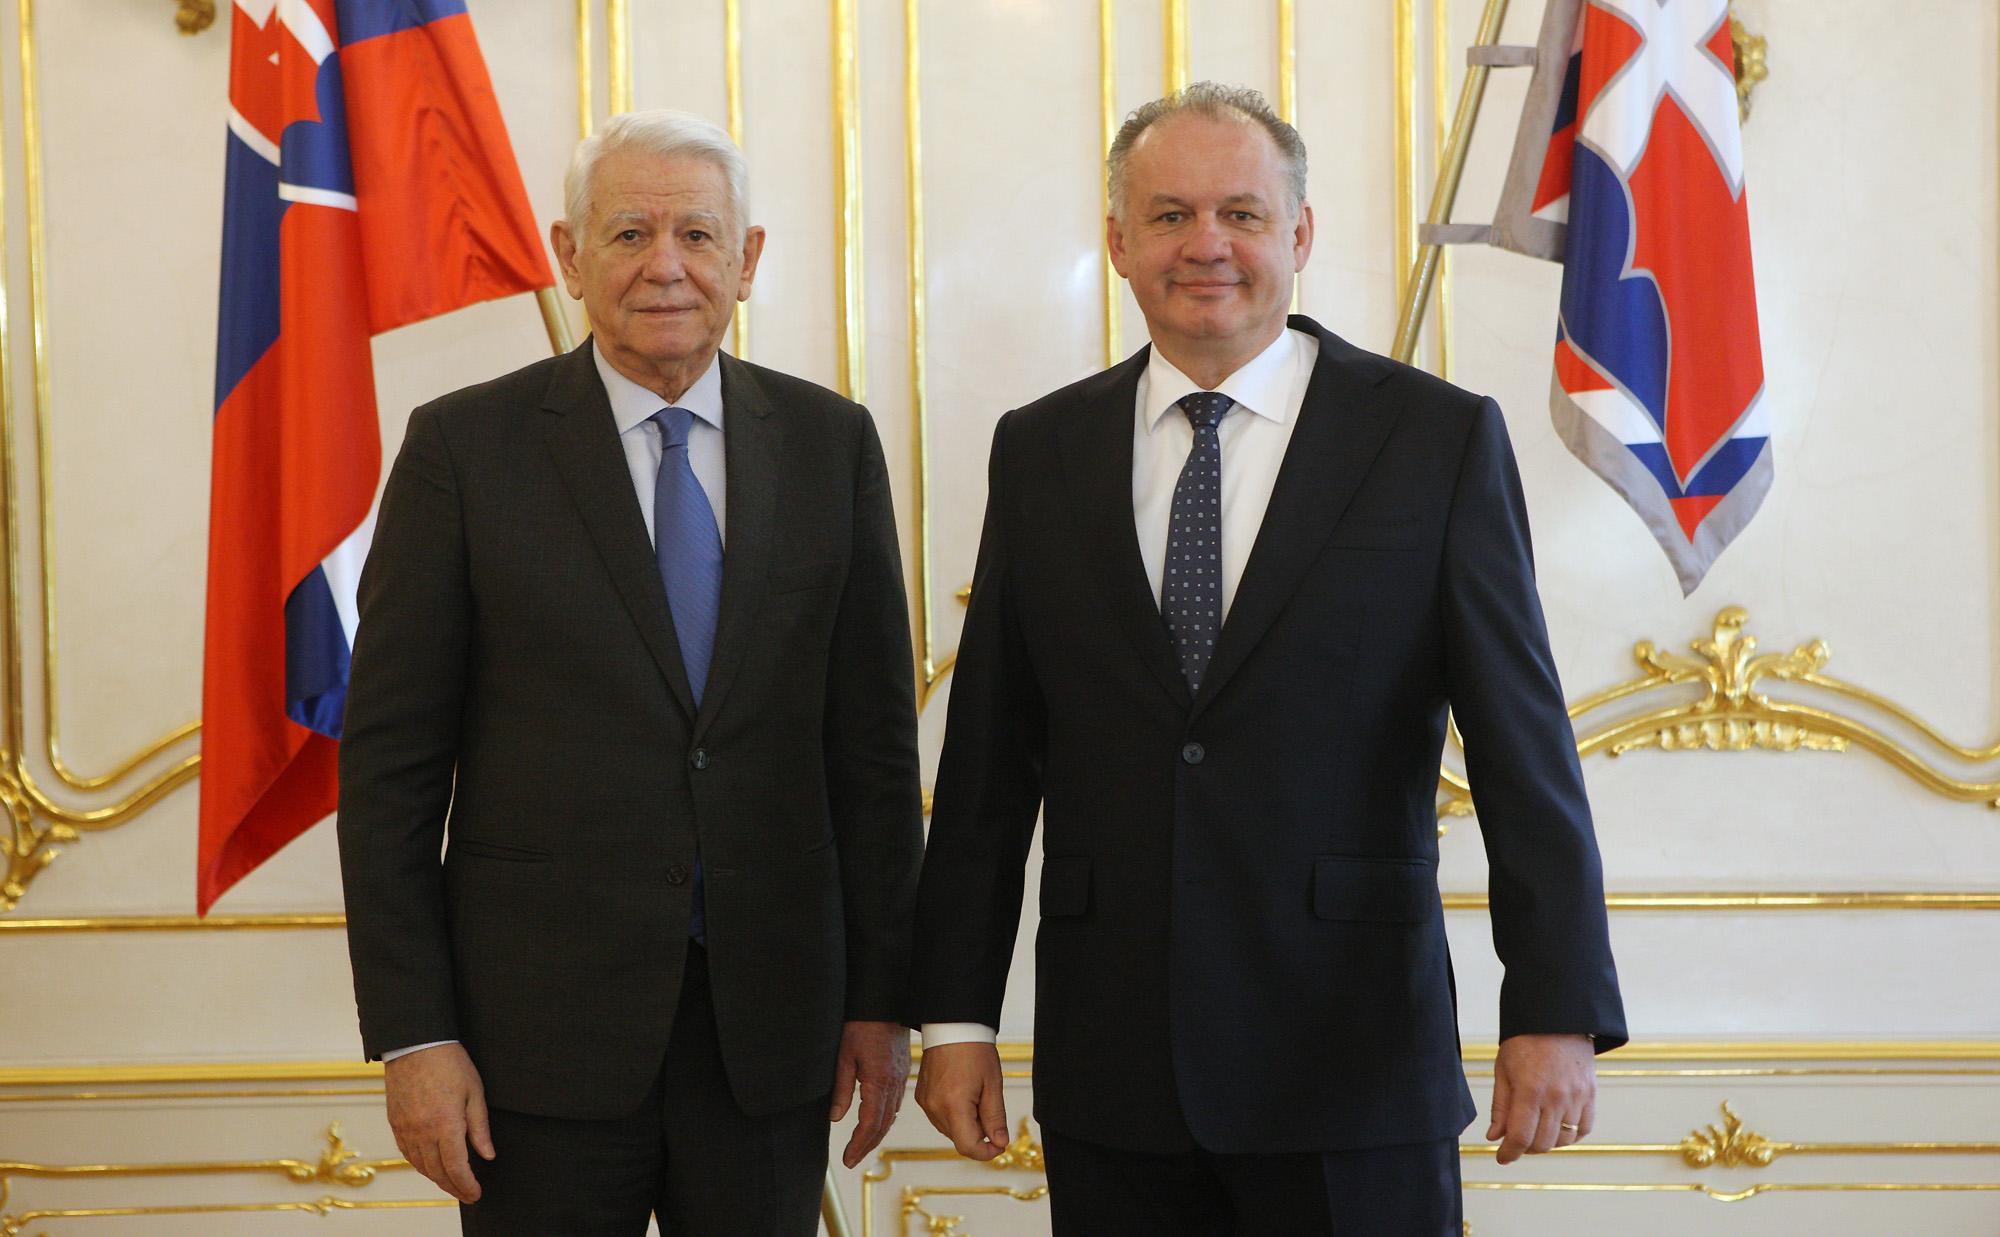 Kiska sa stretol s rumunským ministrom zahraničných vecí